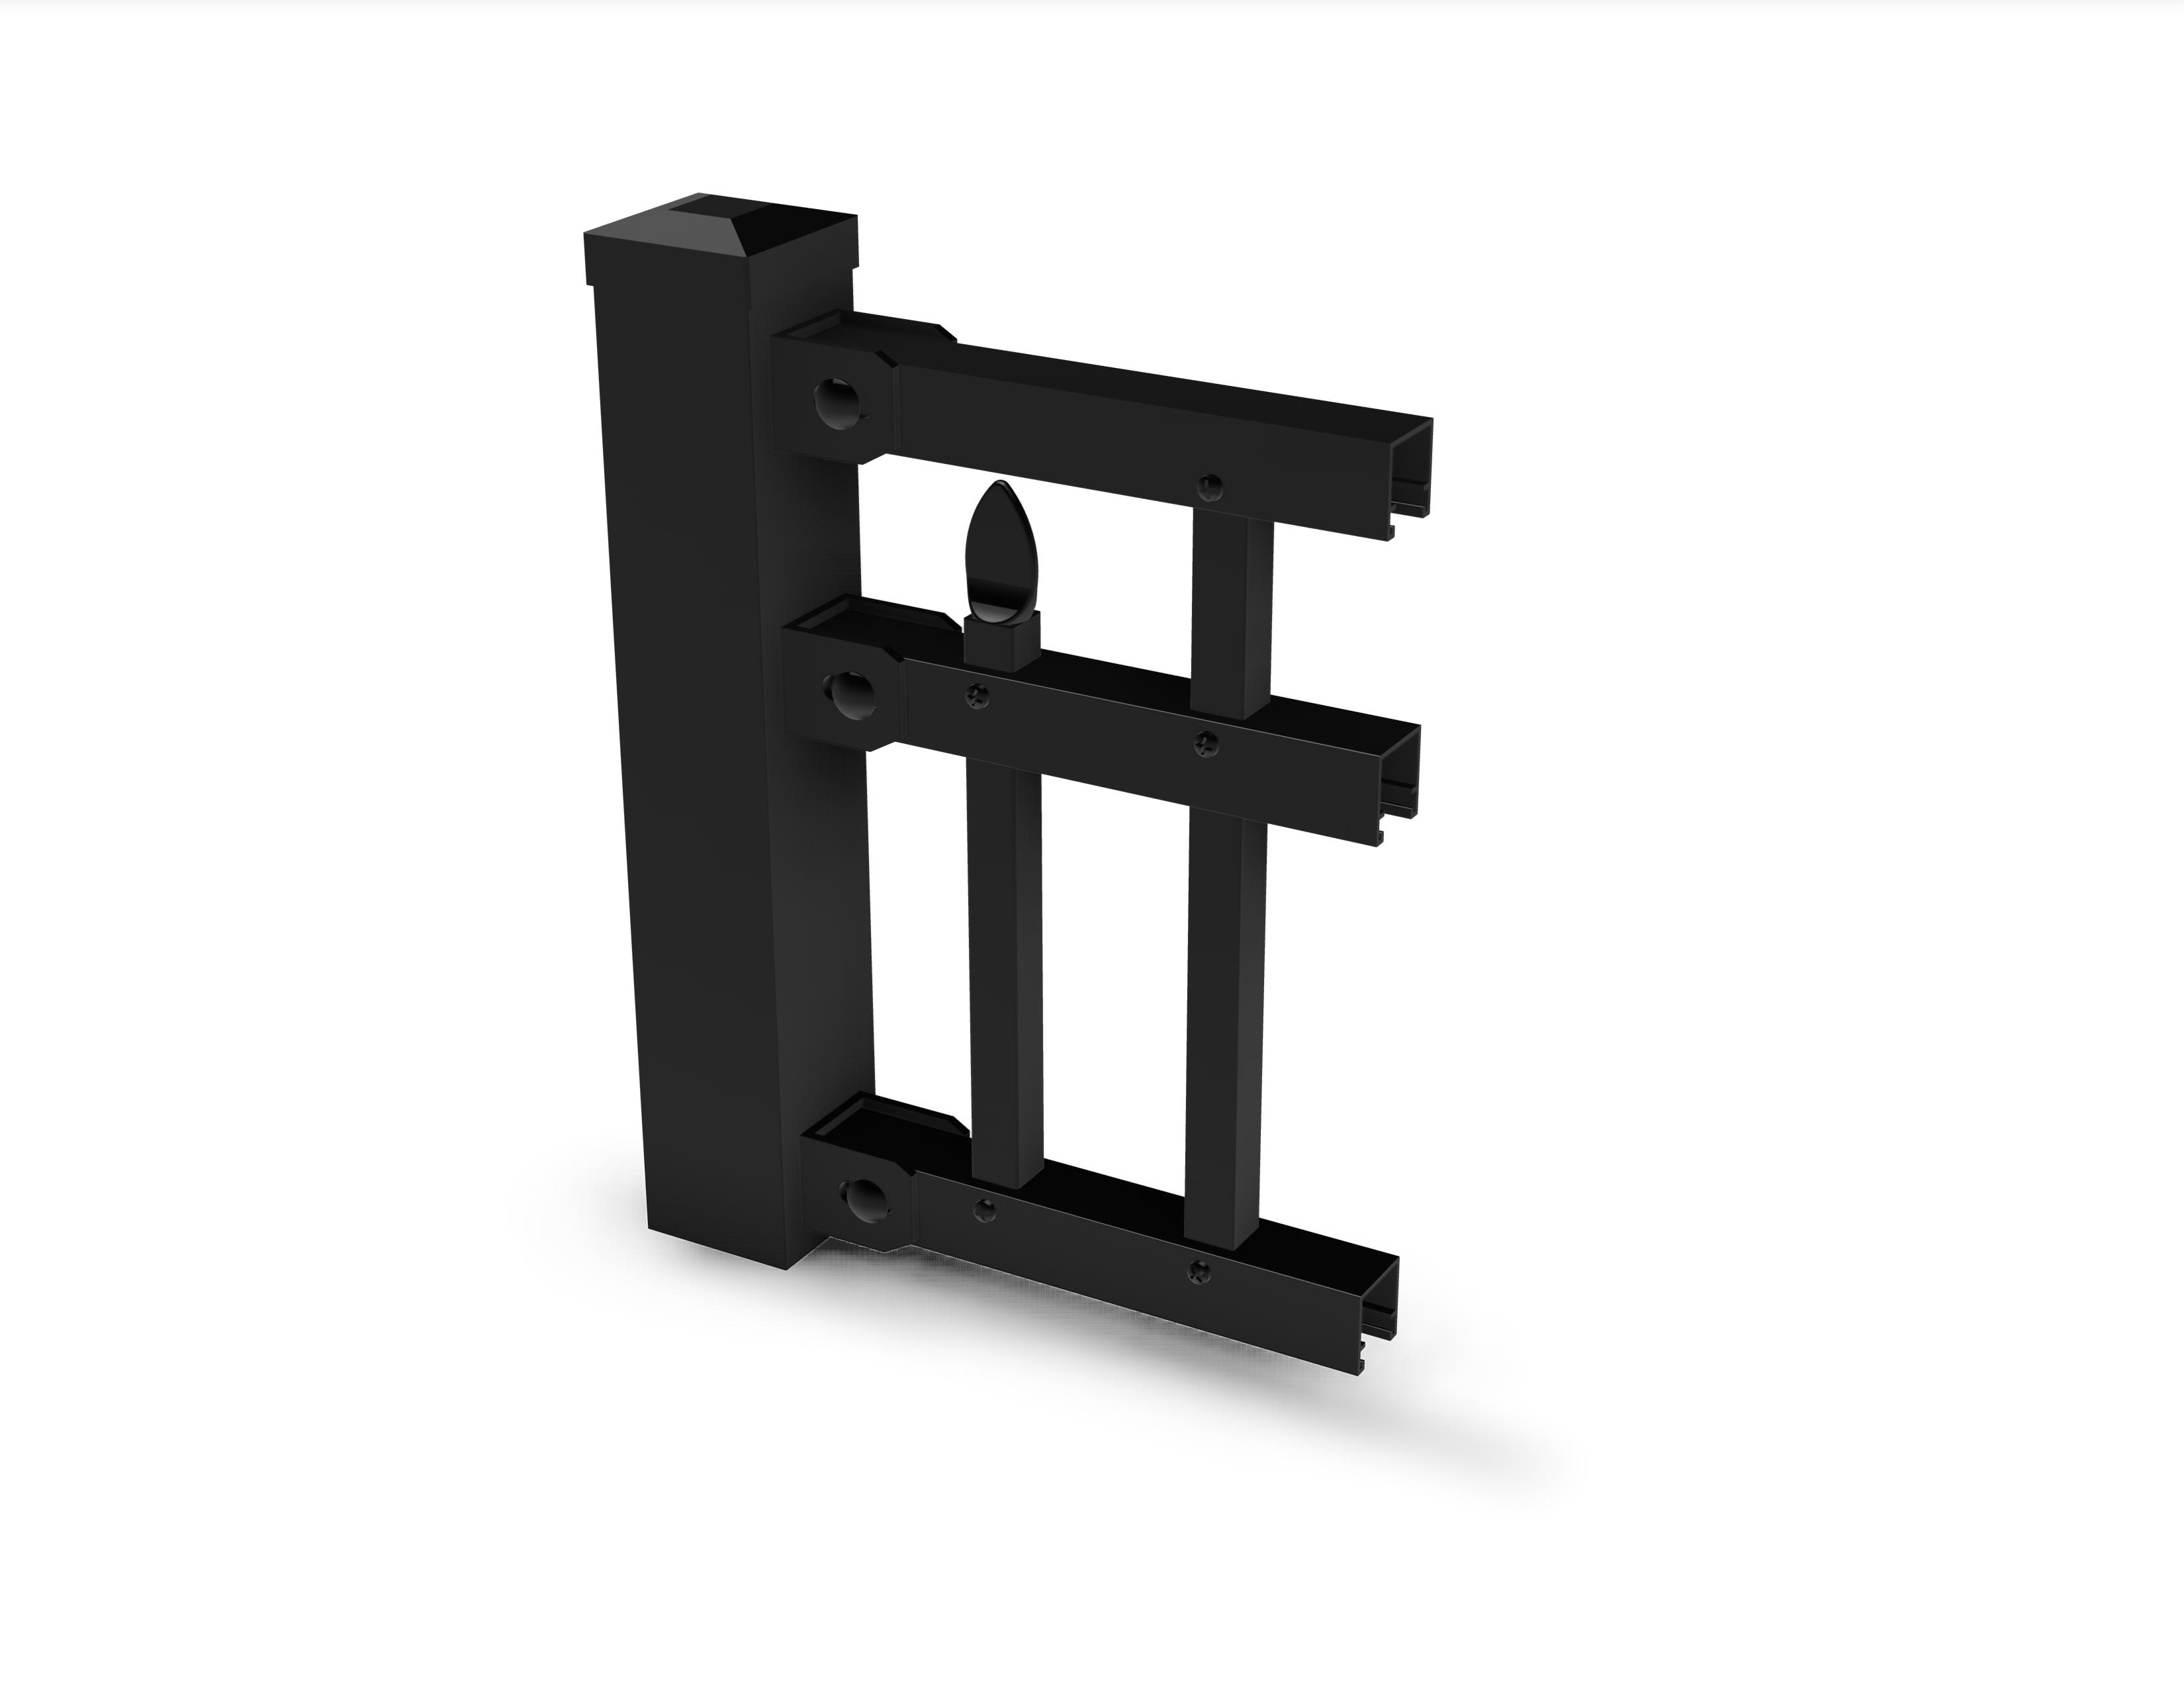 Handy Andy/Slim Jim Aluminum Sample Kit